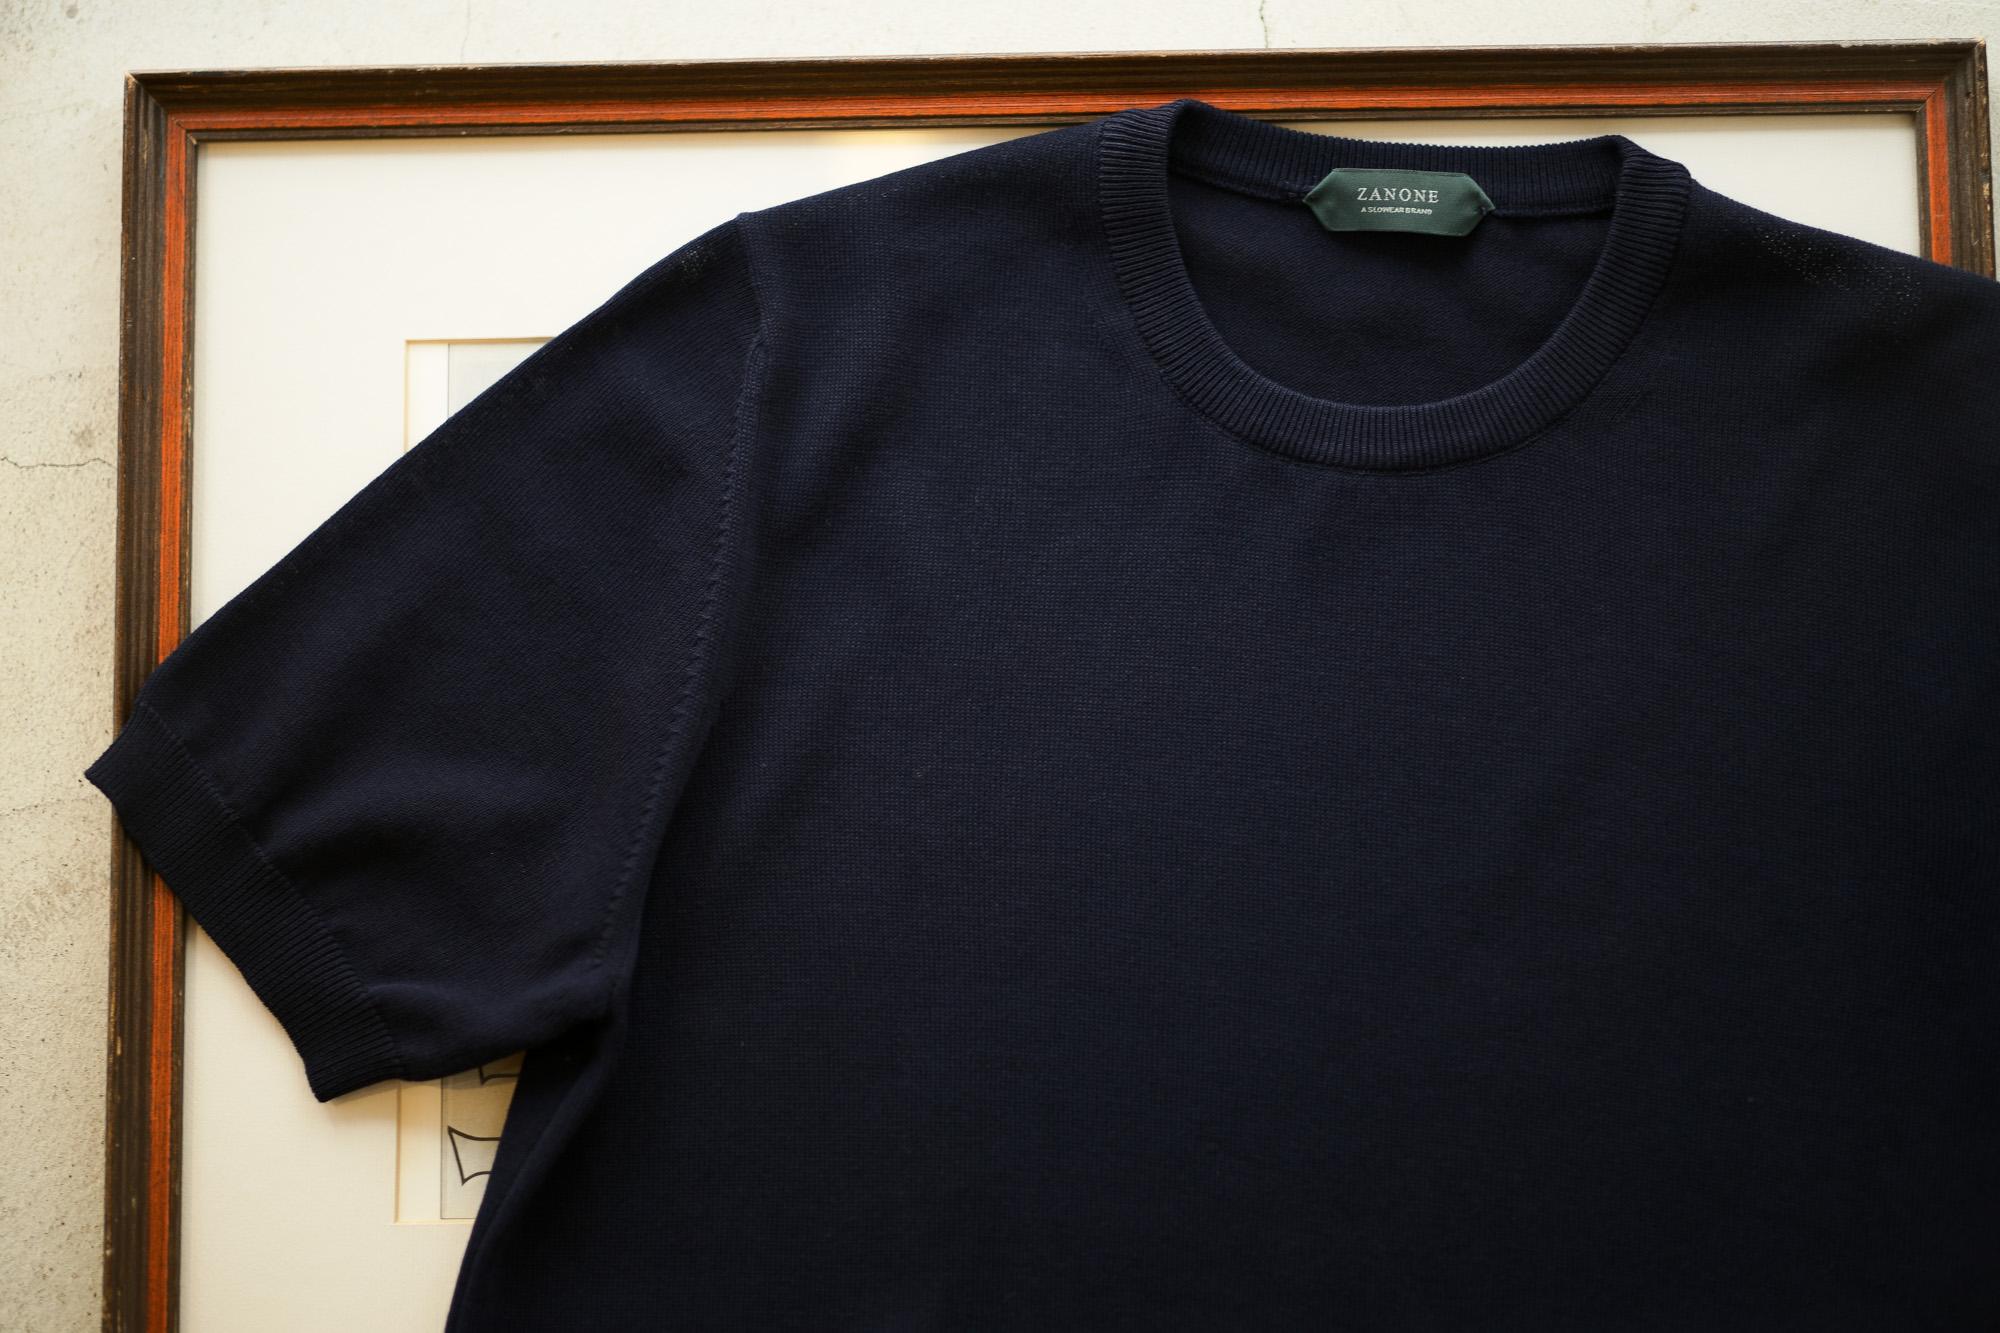 ZANONE (ザノーネ) Knit T-shirt (ニット Tシャツ) コットンニット Tシャツ NAVY (ネイビー・Z0542) made in italy (イタリア製) 2019 春夏新作 愛知 名古屋 altoediritto アルトエデリット